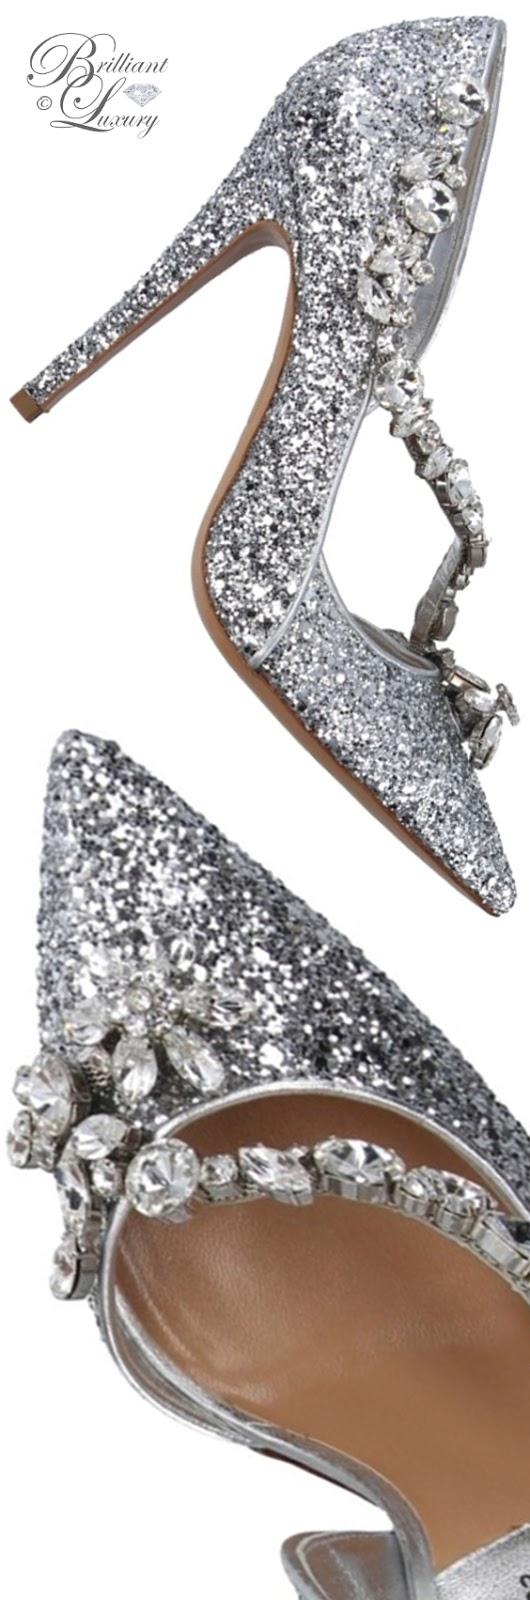 Brilliant Luxury ♦ Dsquared2 silver glitter pumps